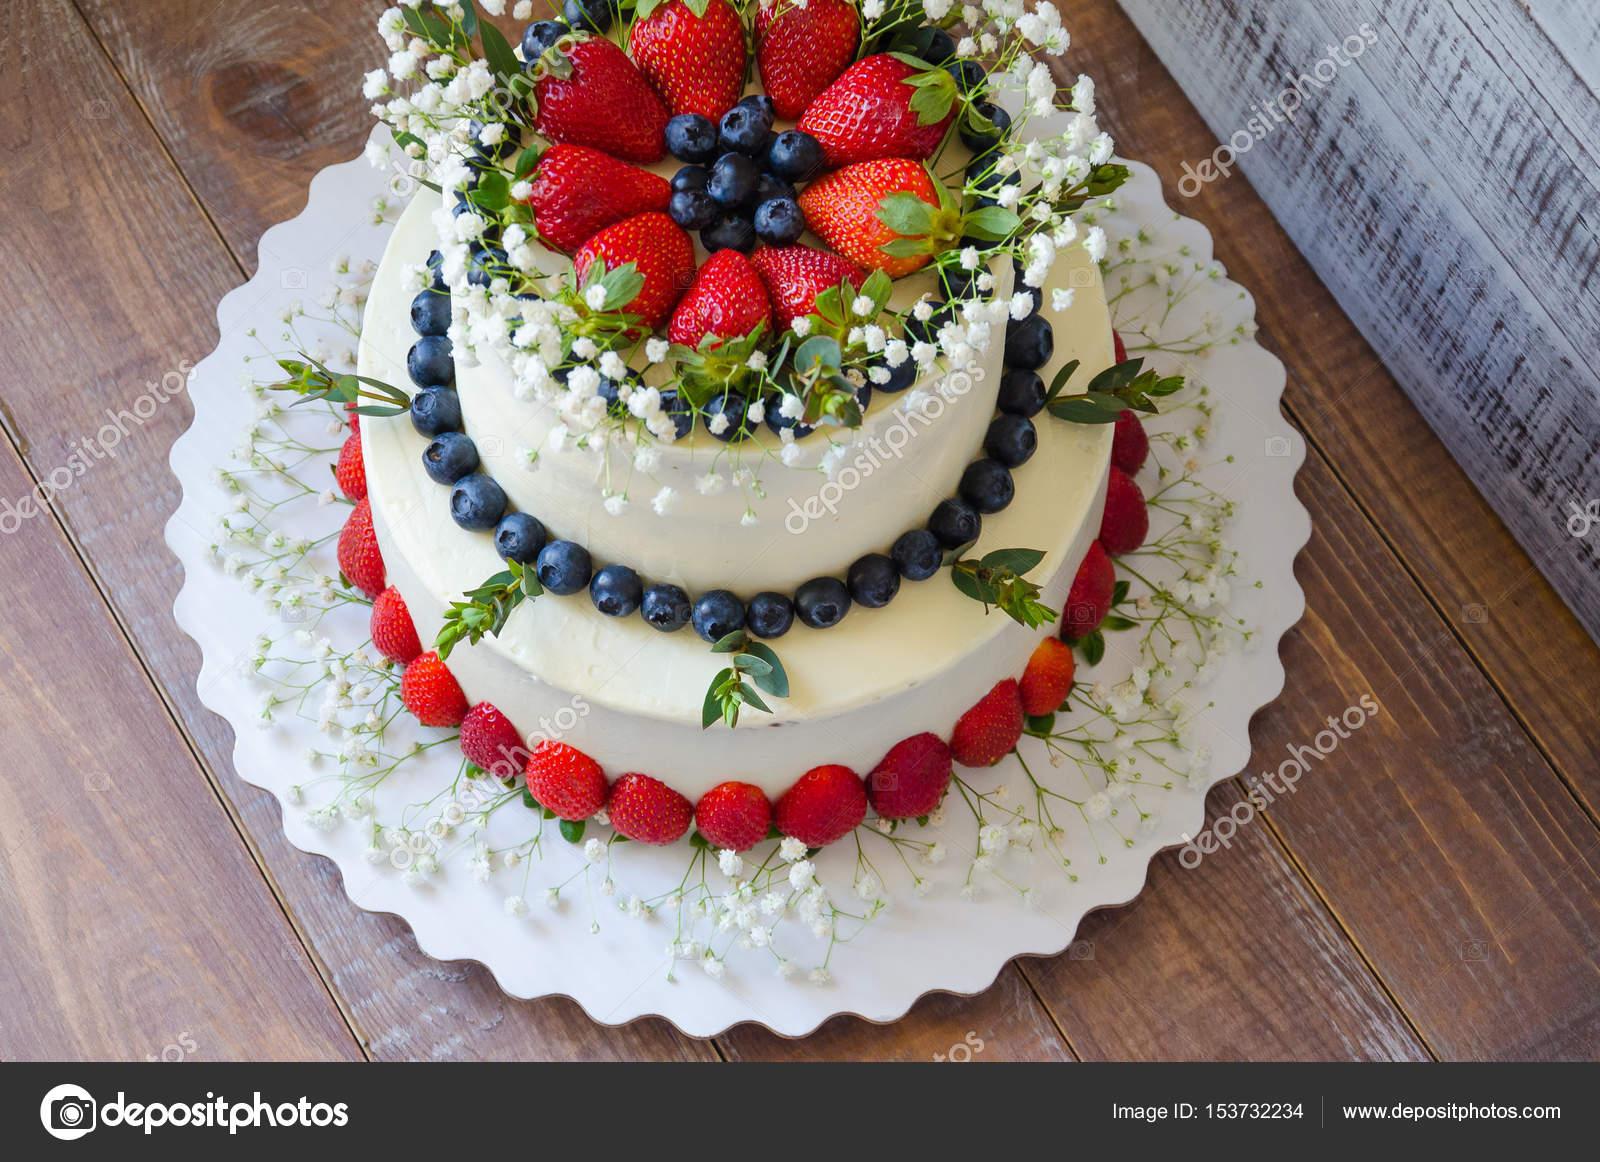 Zwei Klassen Frischkase Hochzeitstorte Mit Heidelbeeren Und Strawber